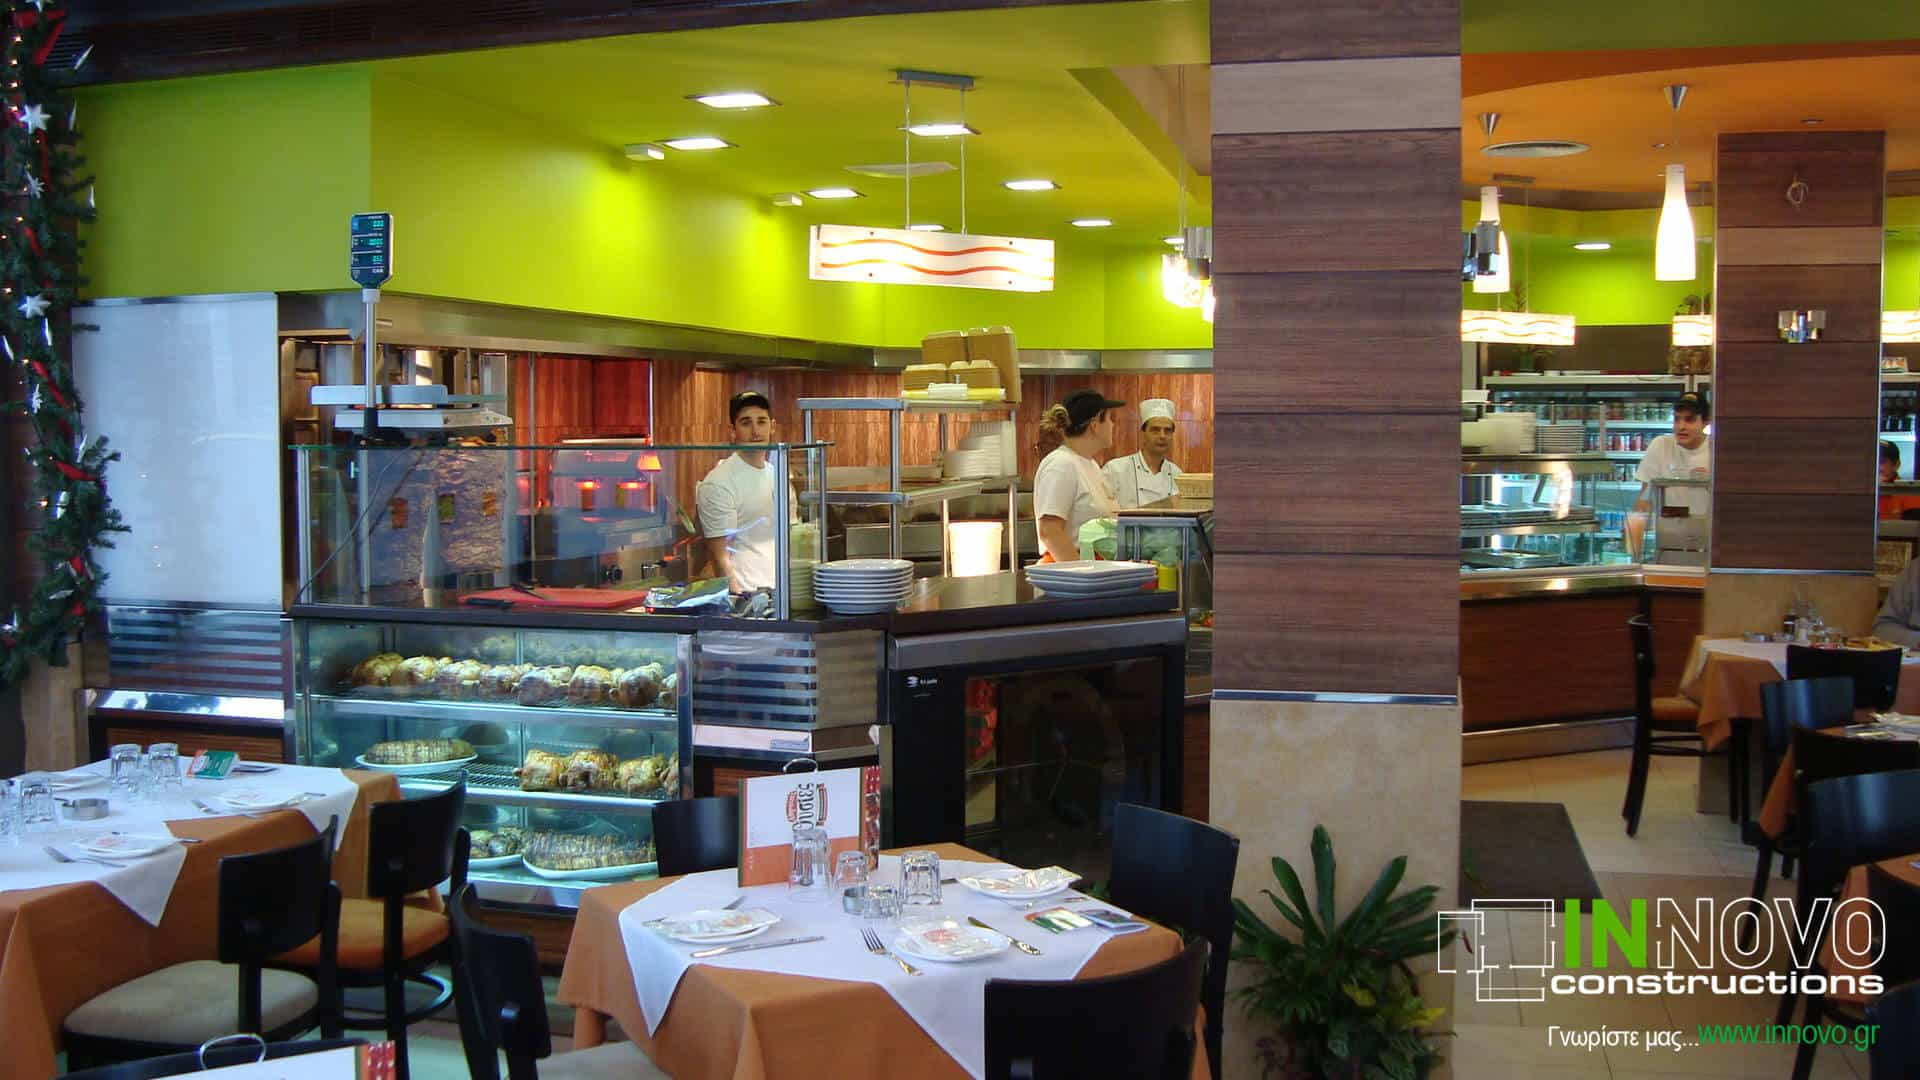 kataskevi-psitopoleiou-restaurant-construction-tsiolis-pagkrati-ousies-955